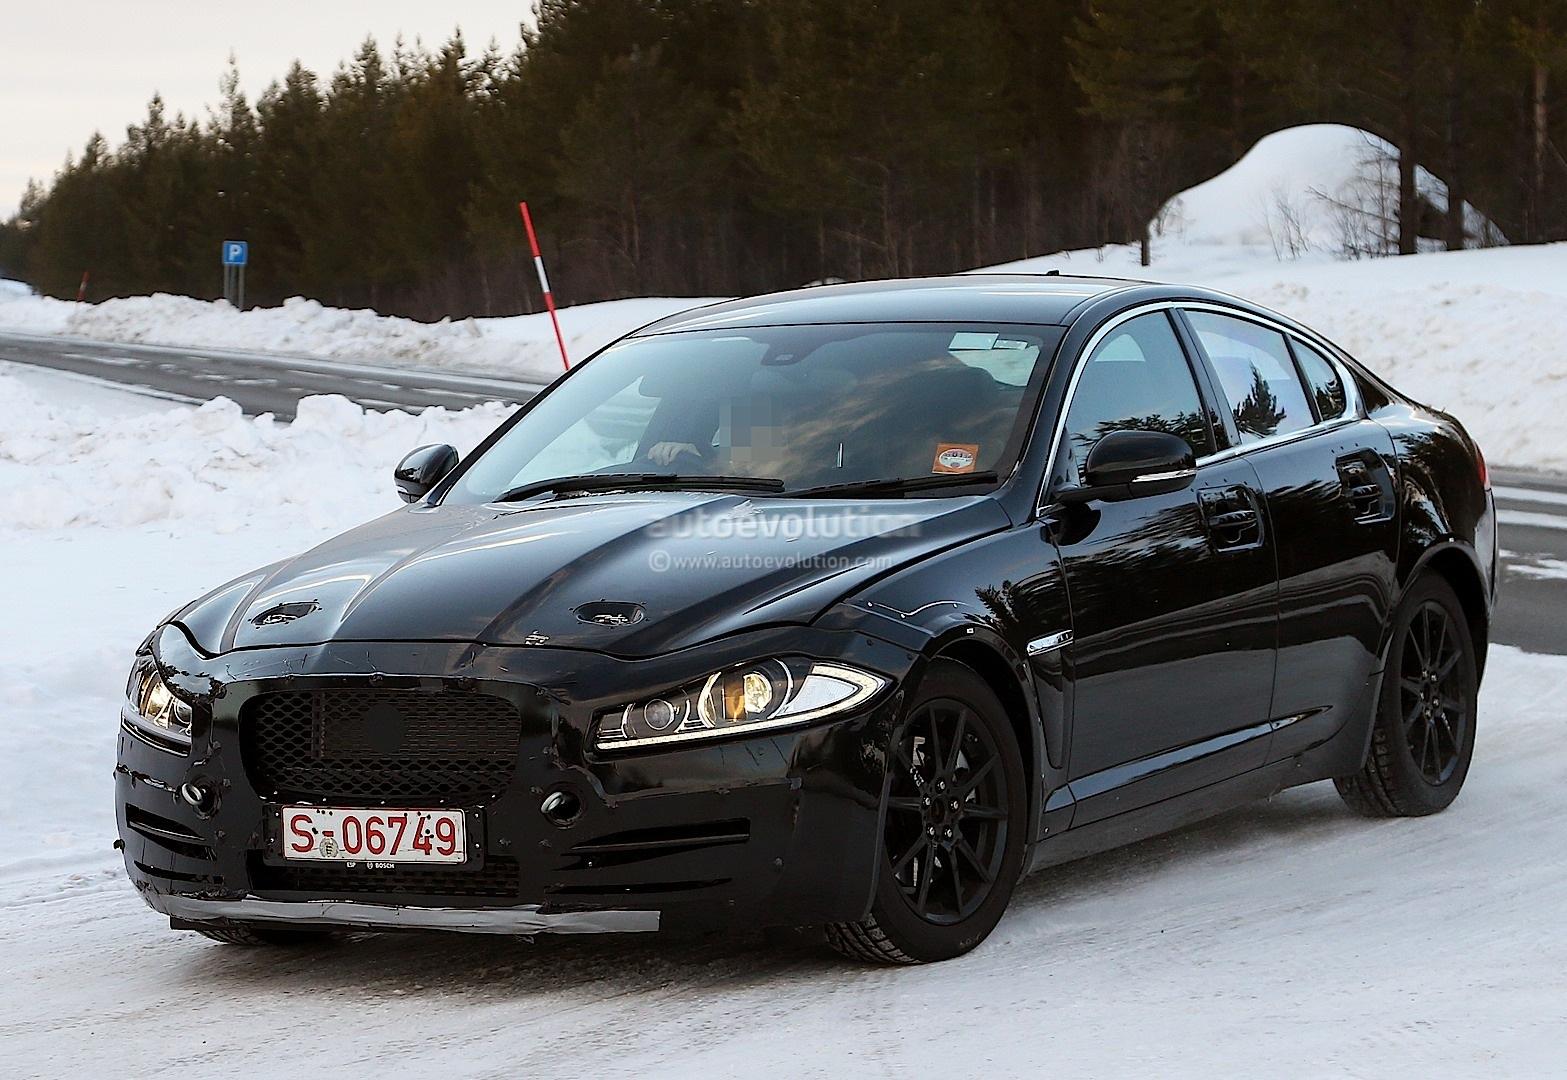 Spyshots Jaguar Xs Mule The Bmw 3 Series Rival Emerges